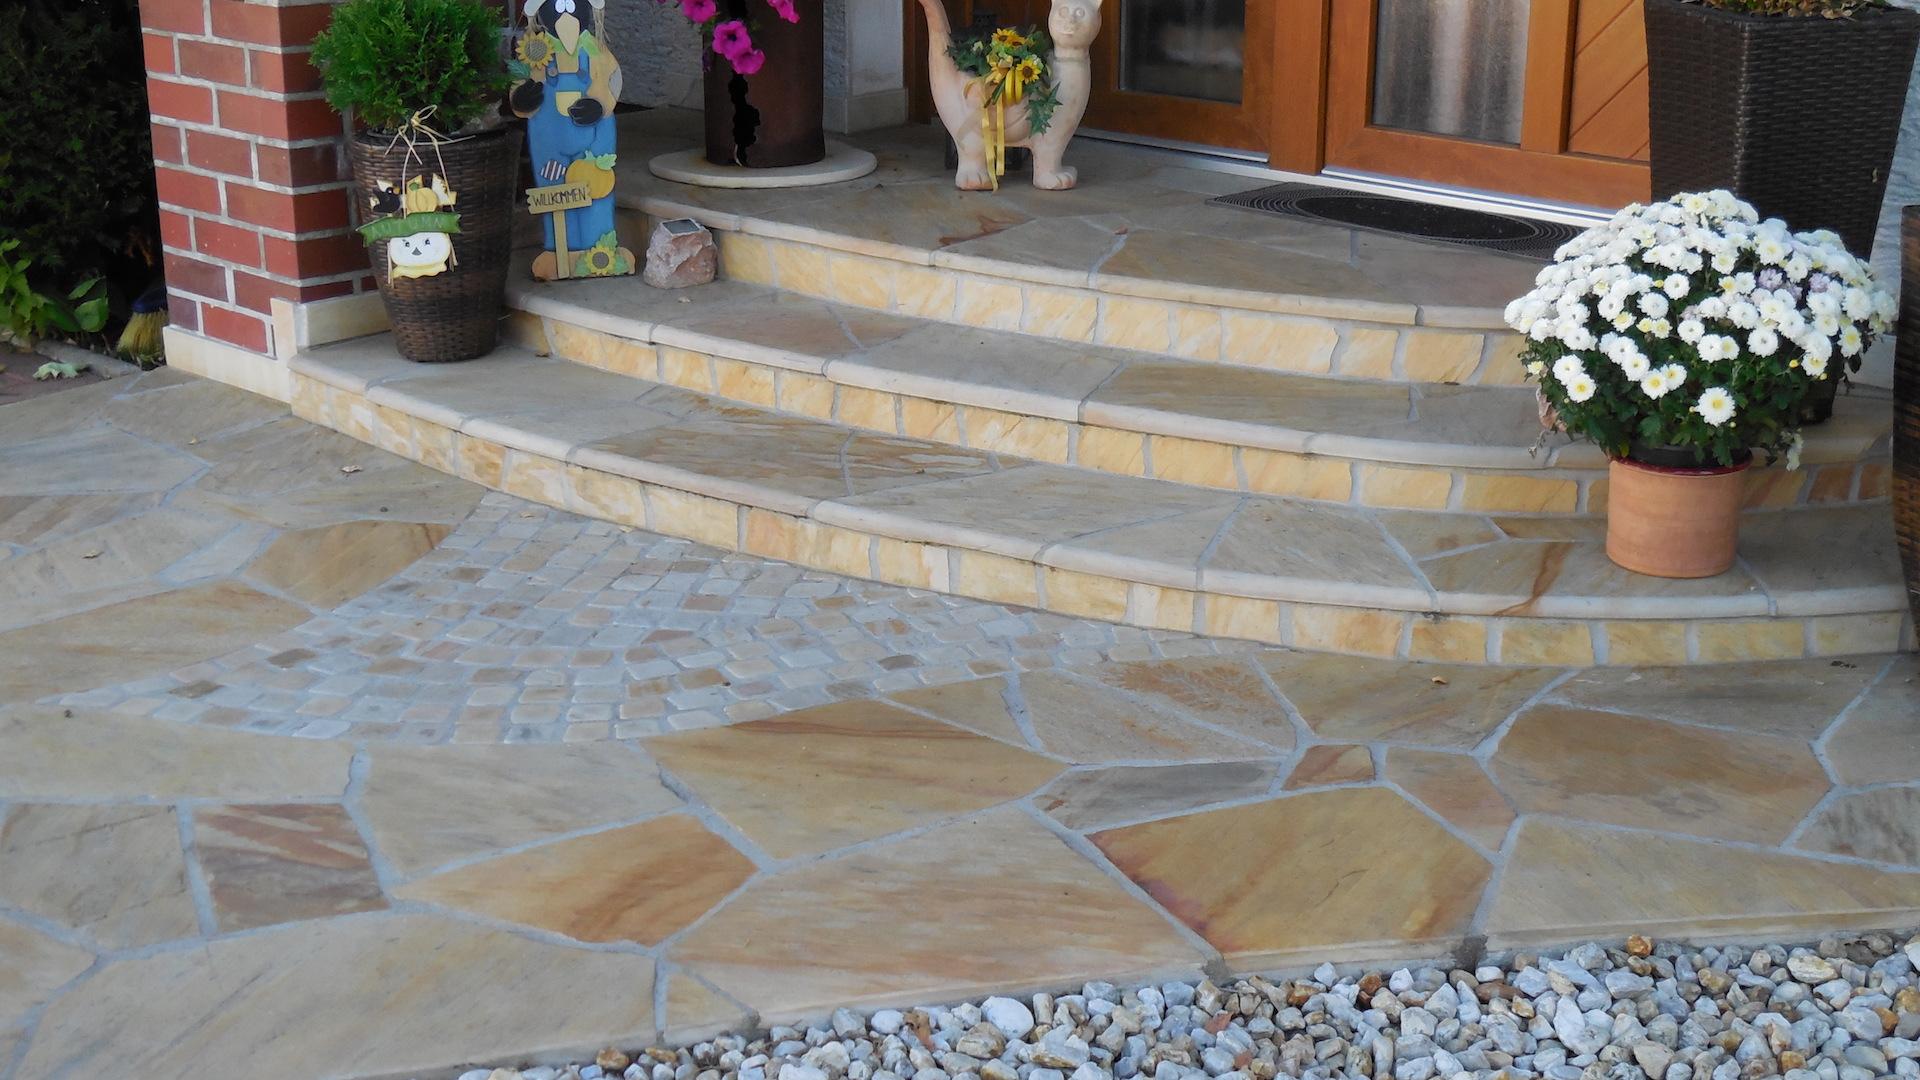 Naturstein Eingangsbereich - Polygonalverlegung mit Kleinpflaster